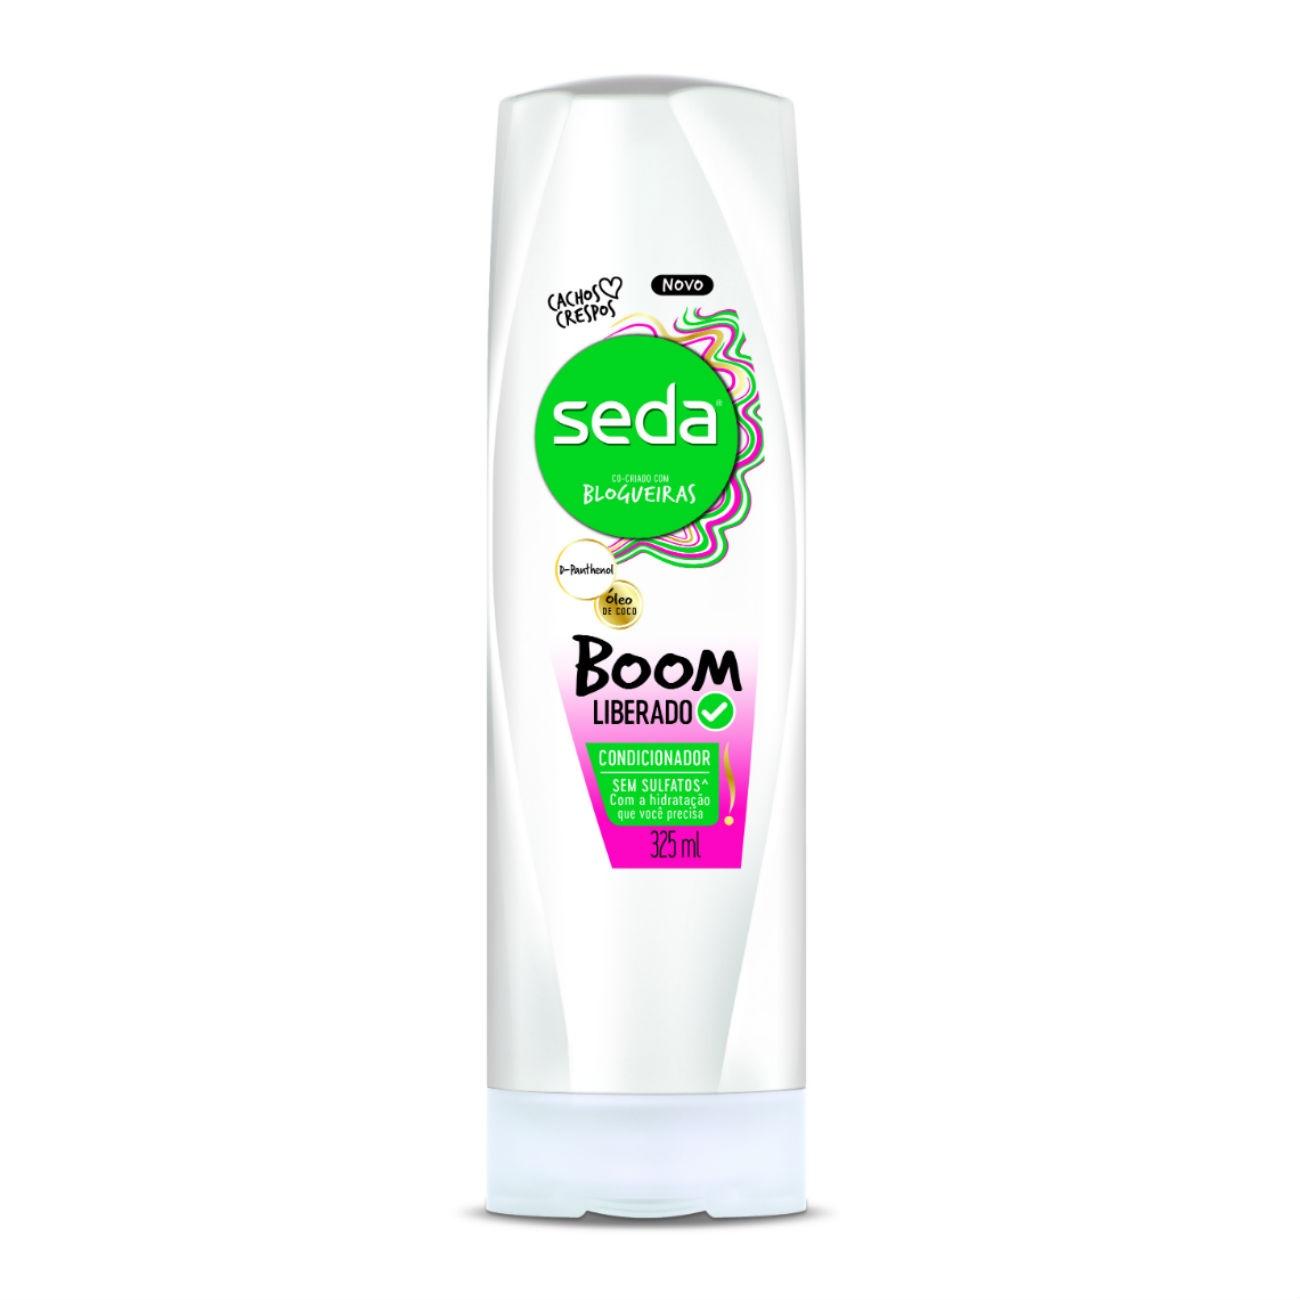 Condicionador Seda Boom Liberado 325ml